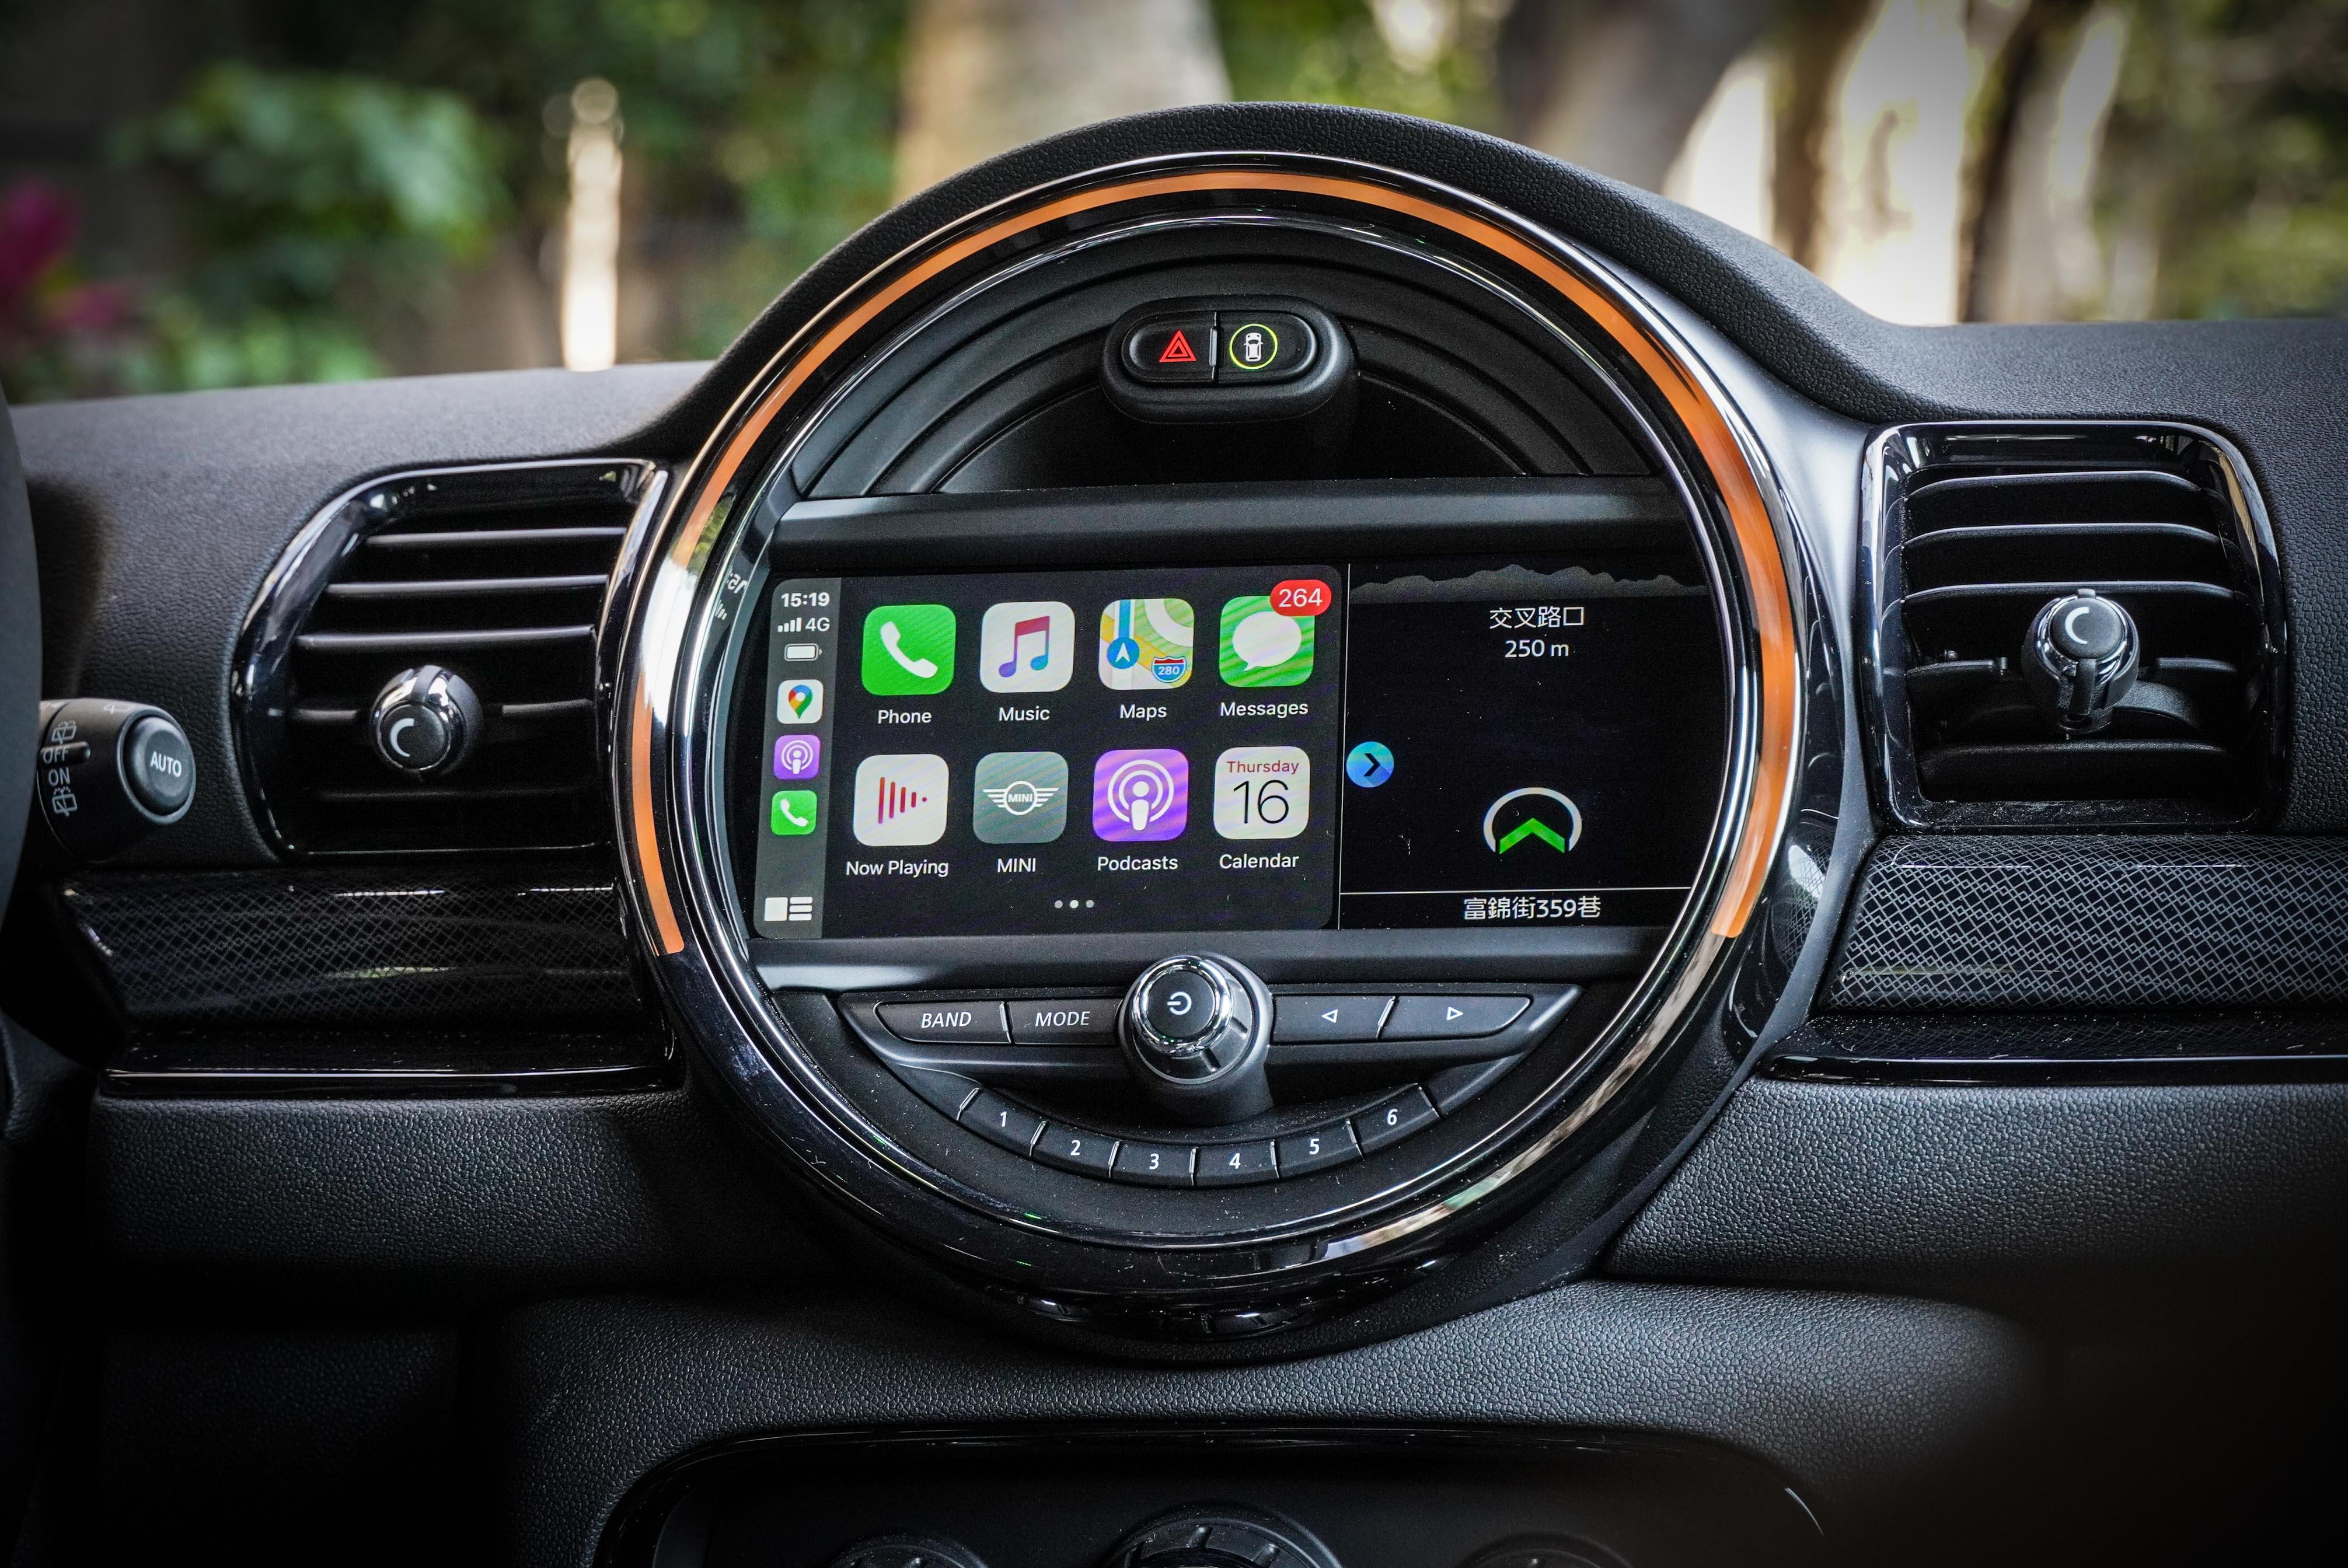 試駕車選配 8.8 吋原廠中文衛星導航系統與手機無線充電裝置。原廠標配 6.5 吋觸控螢幕含 MINI 原廠中文衛星導航系統及無線 Apple CayPlay。